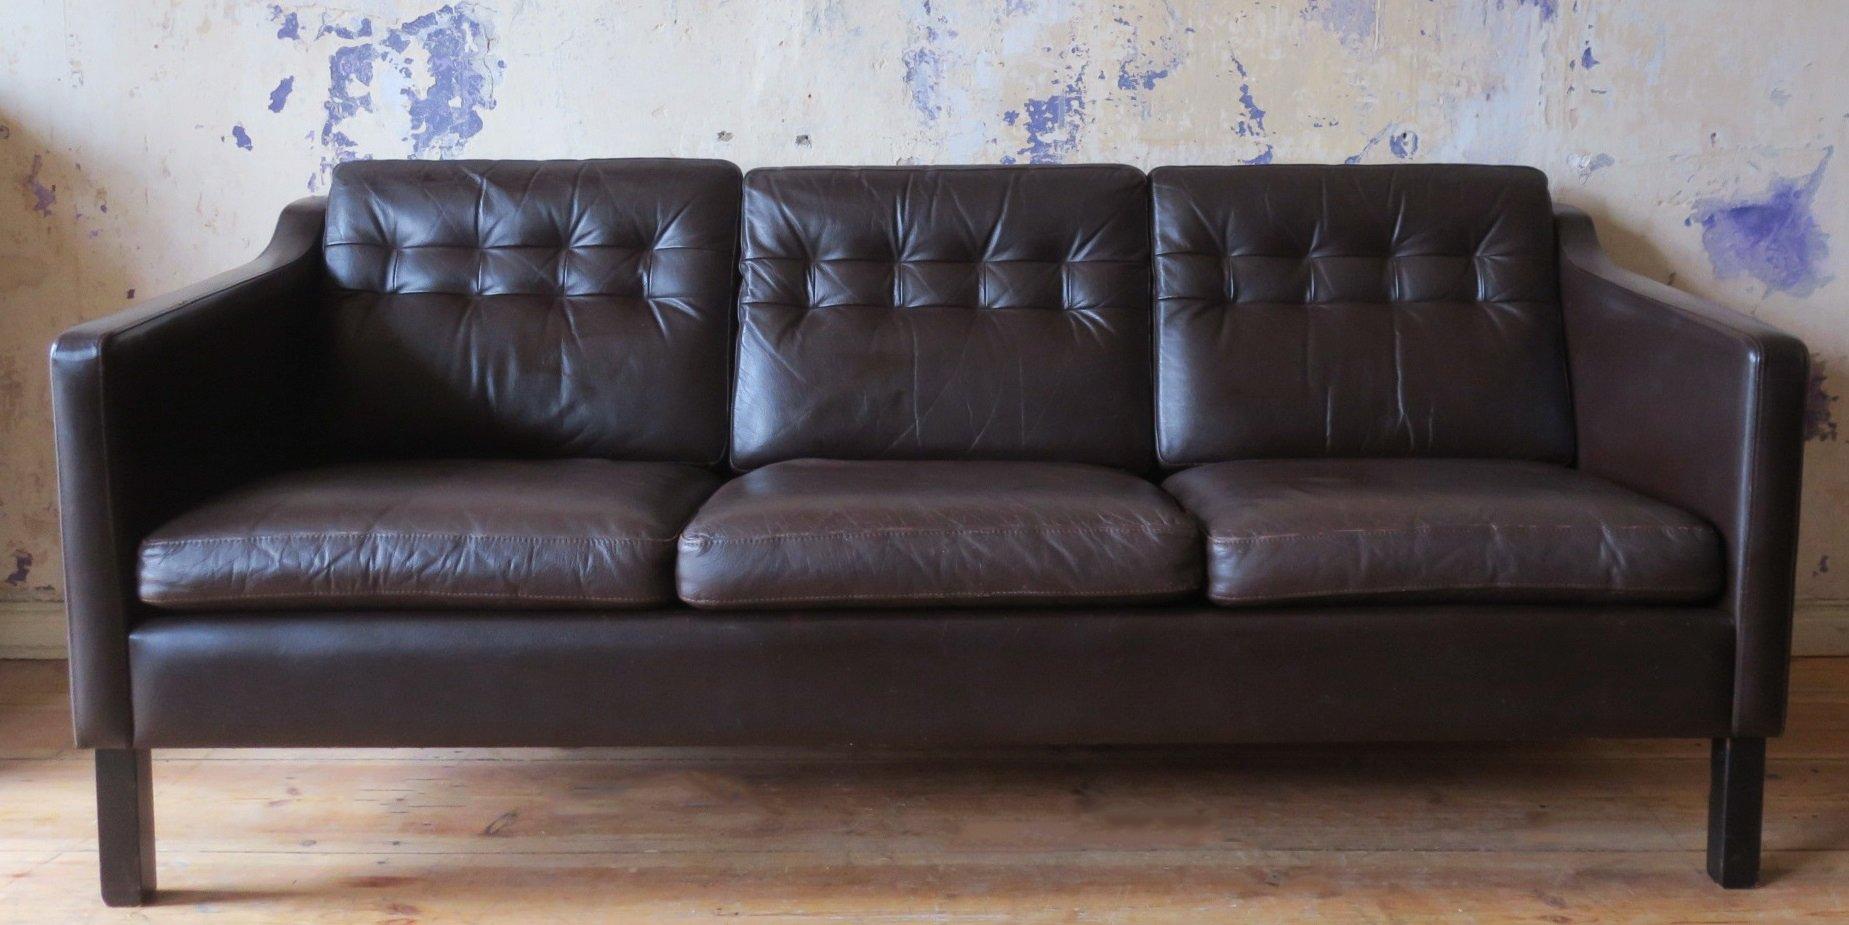 Dänisches Mid-Century 3-Sitzer Sofa in dunkelbraunem Leder